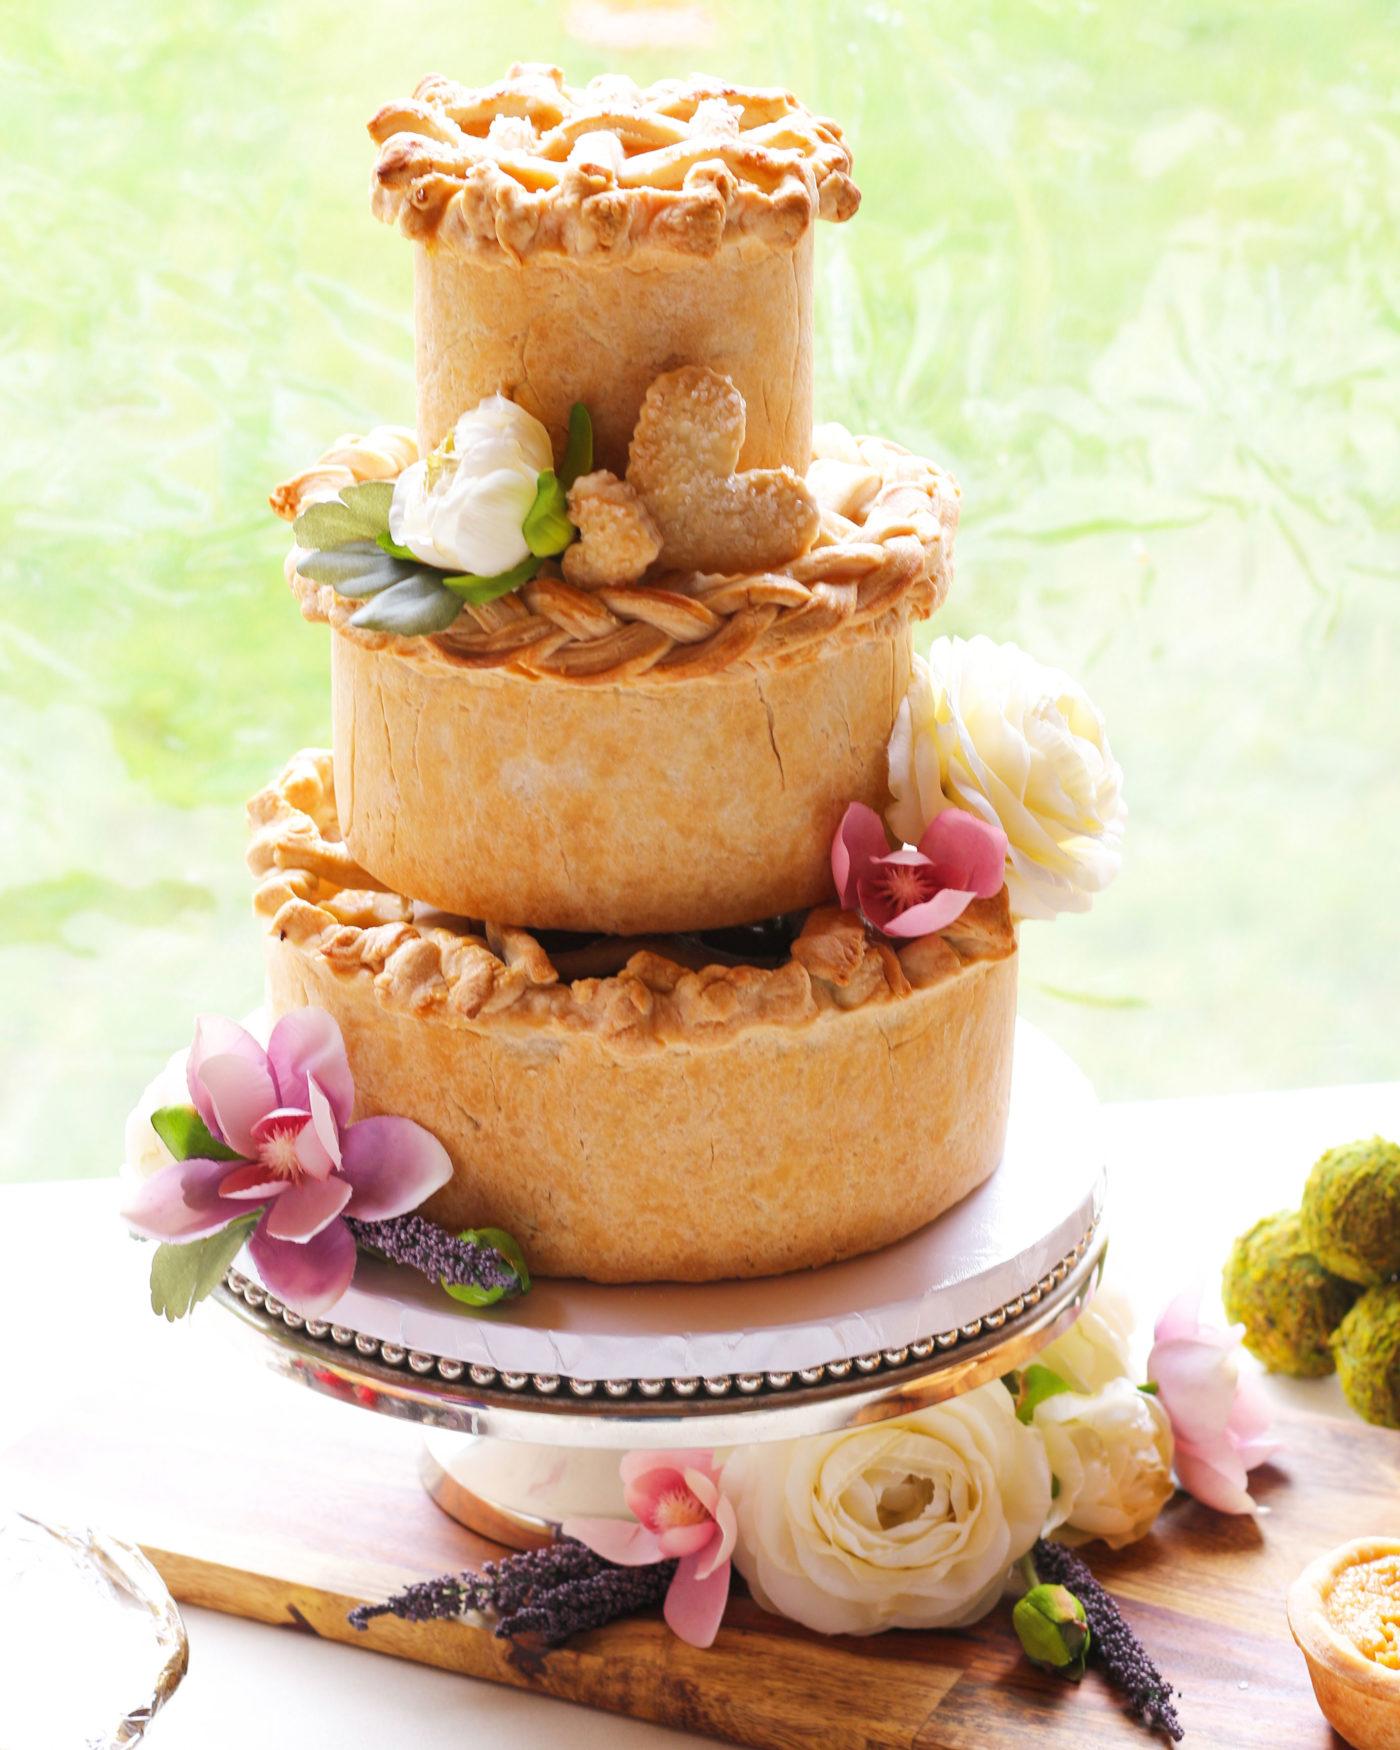 Bruidstaart gemaakt van appeltaart